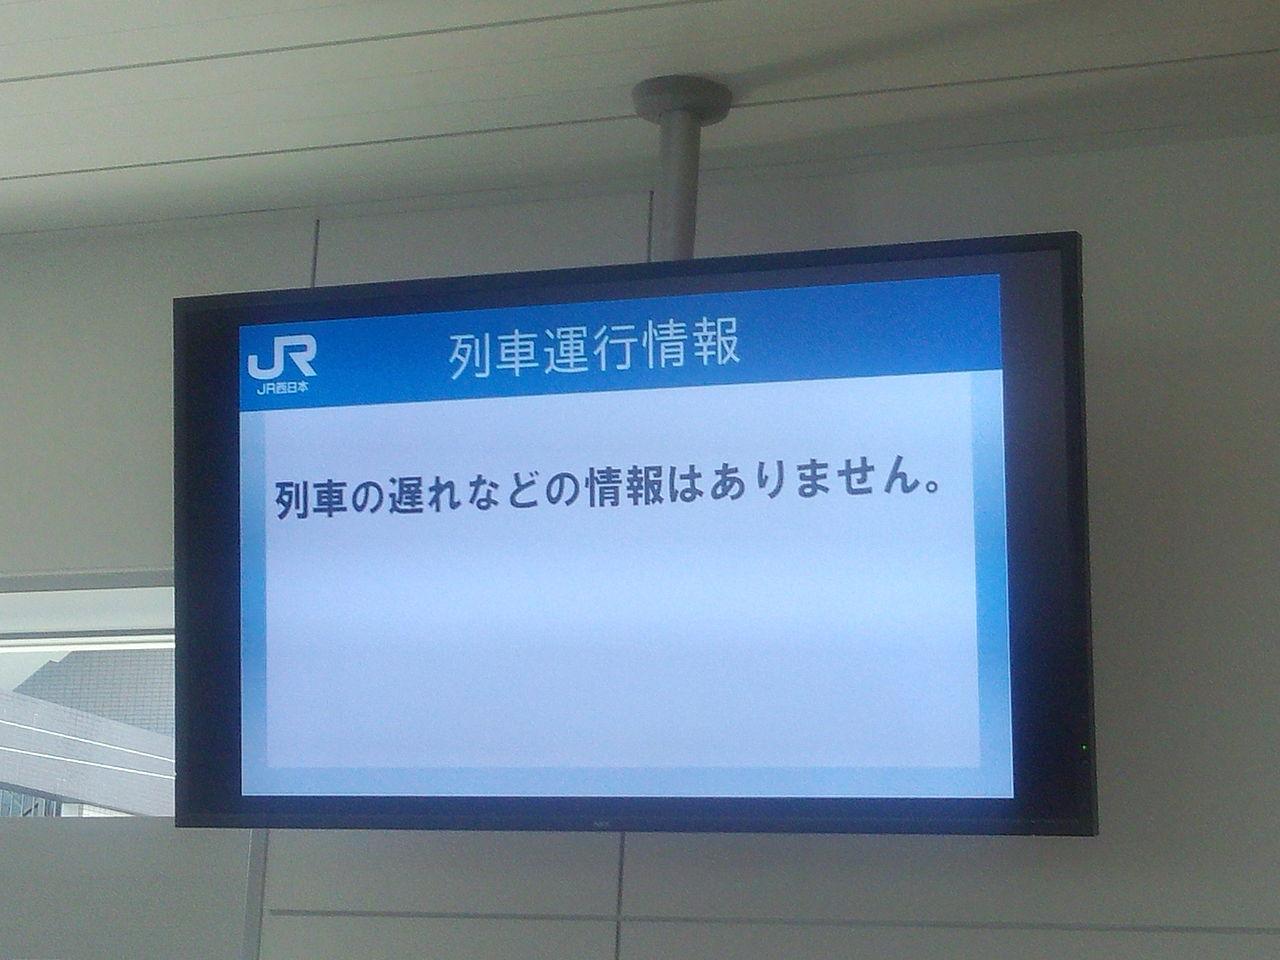 運行 情報 西日本 jr